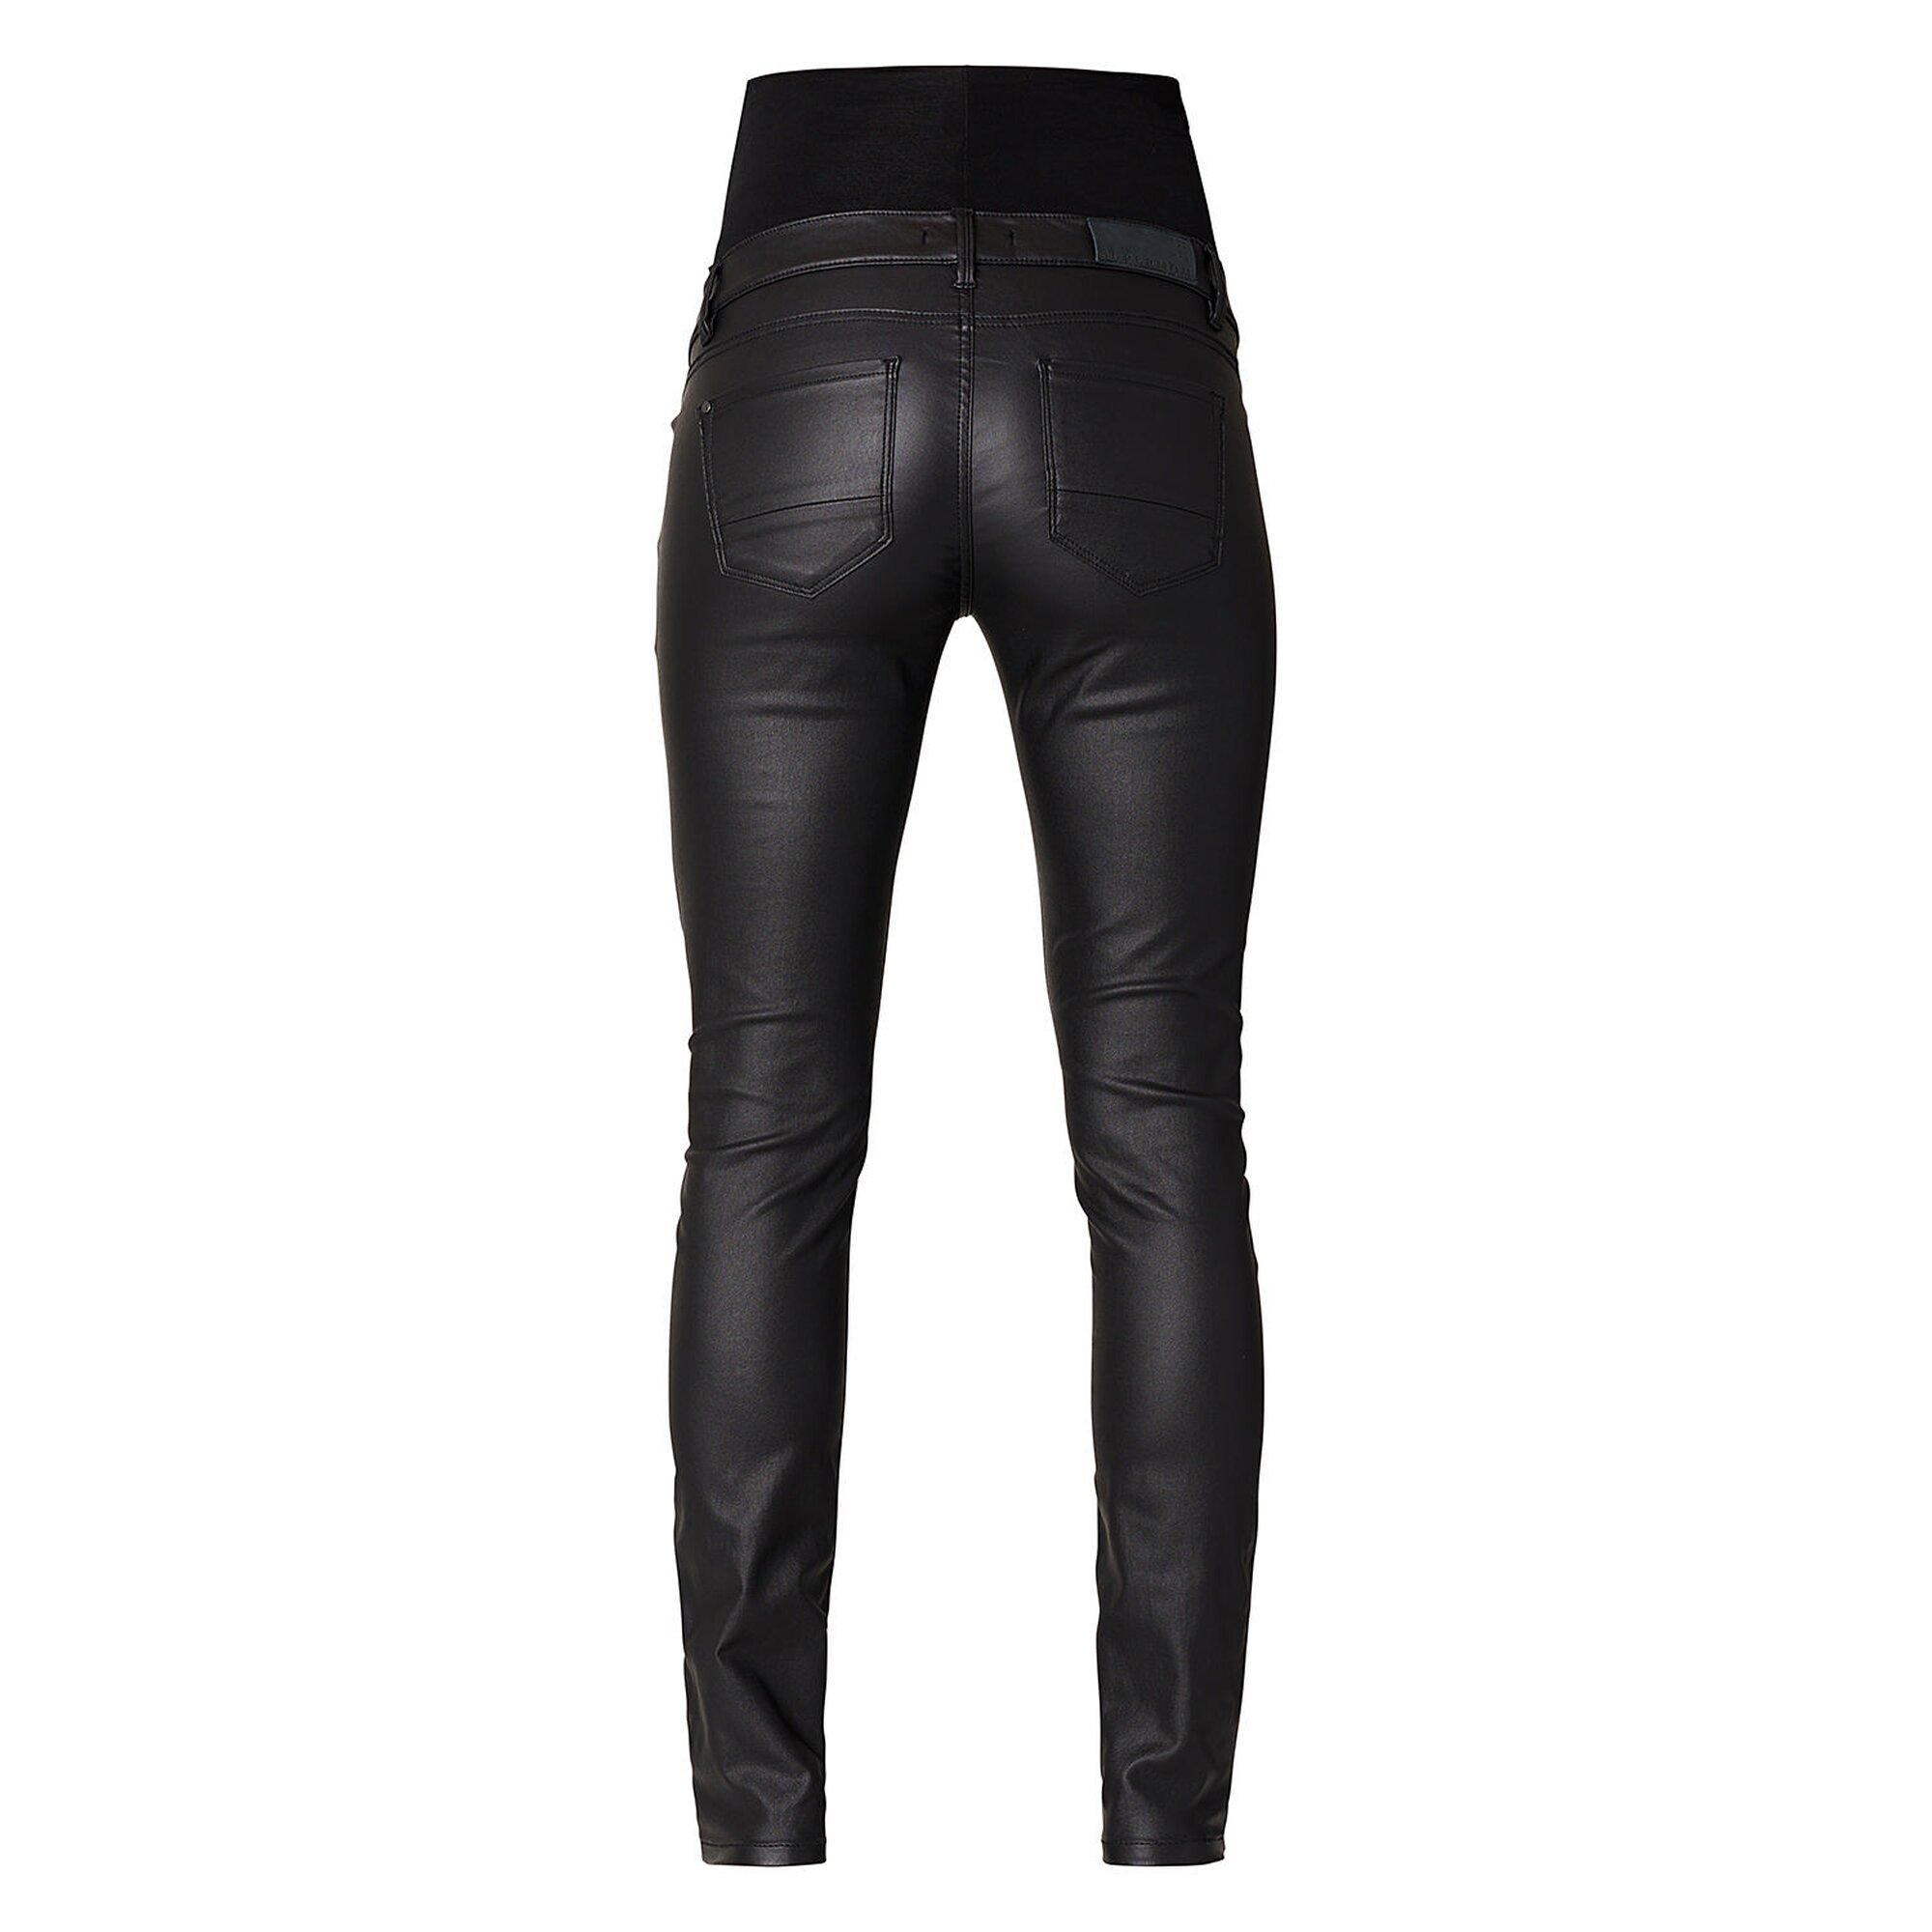 supermom-skinny-umstandsjeans-coated, 54.99 EUR @ babywalz-de